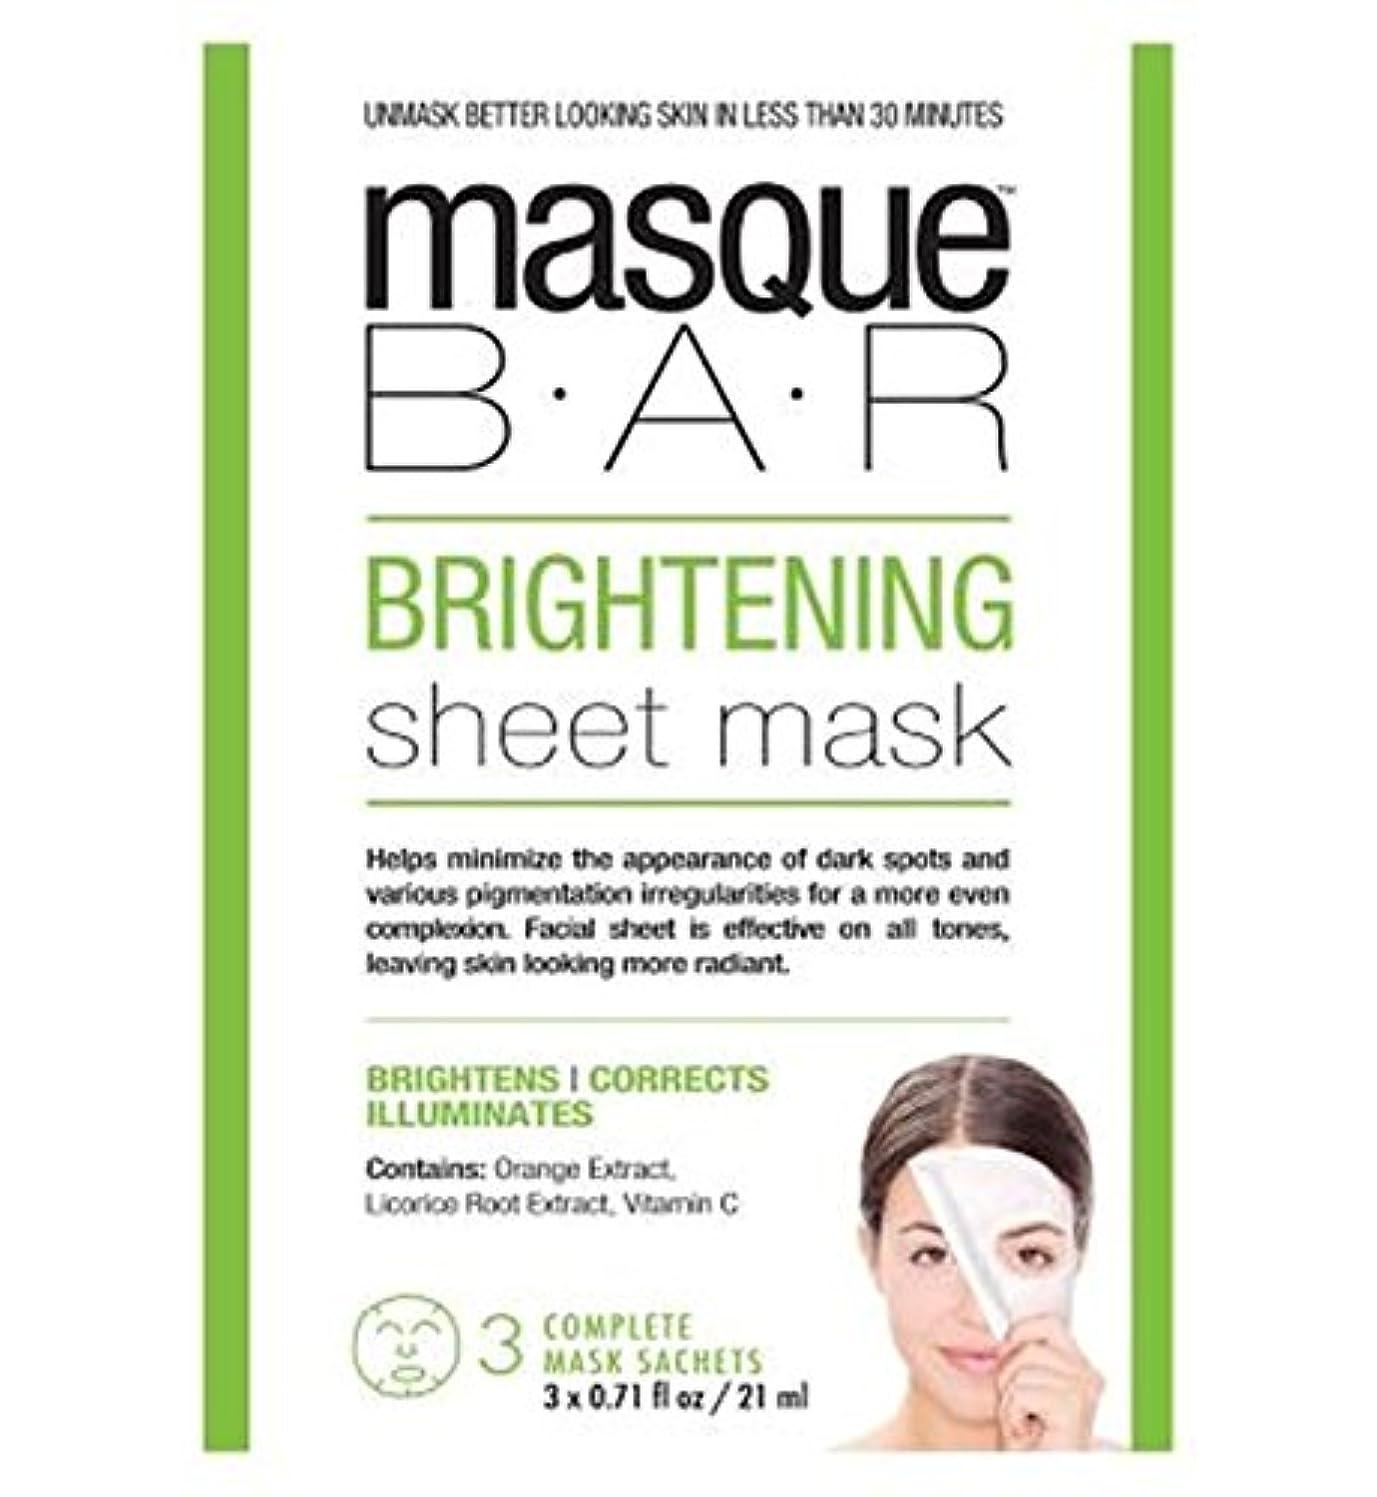 無し安定しましたカプラー仮面劇バー光沢シートマスク - 3S (P6B Masque Bar Bt) (x2) - Masque Bar Brightening Sheet Mask - 3s (Pack of 2) [並行輸入品]